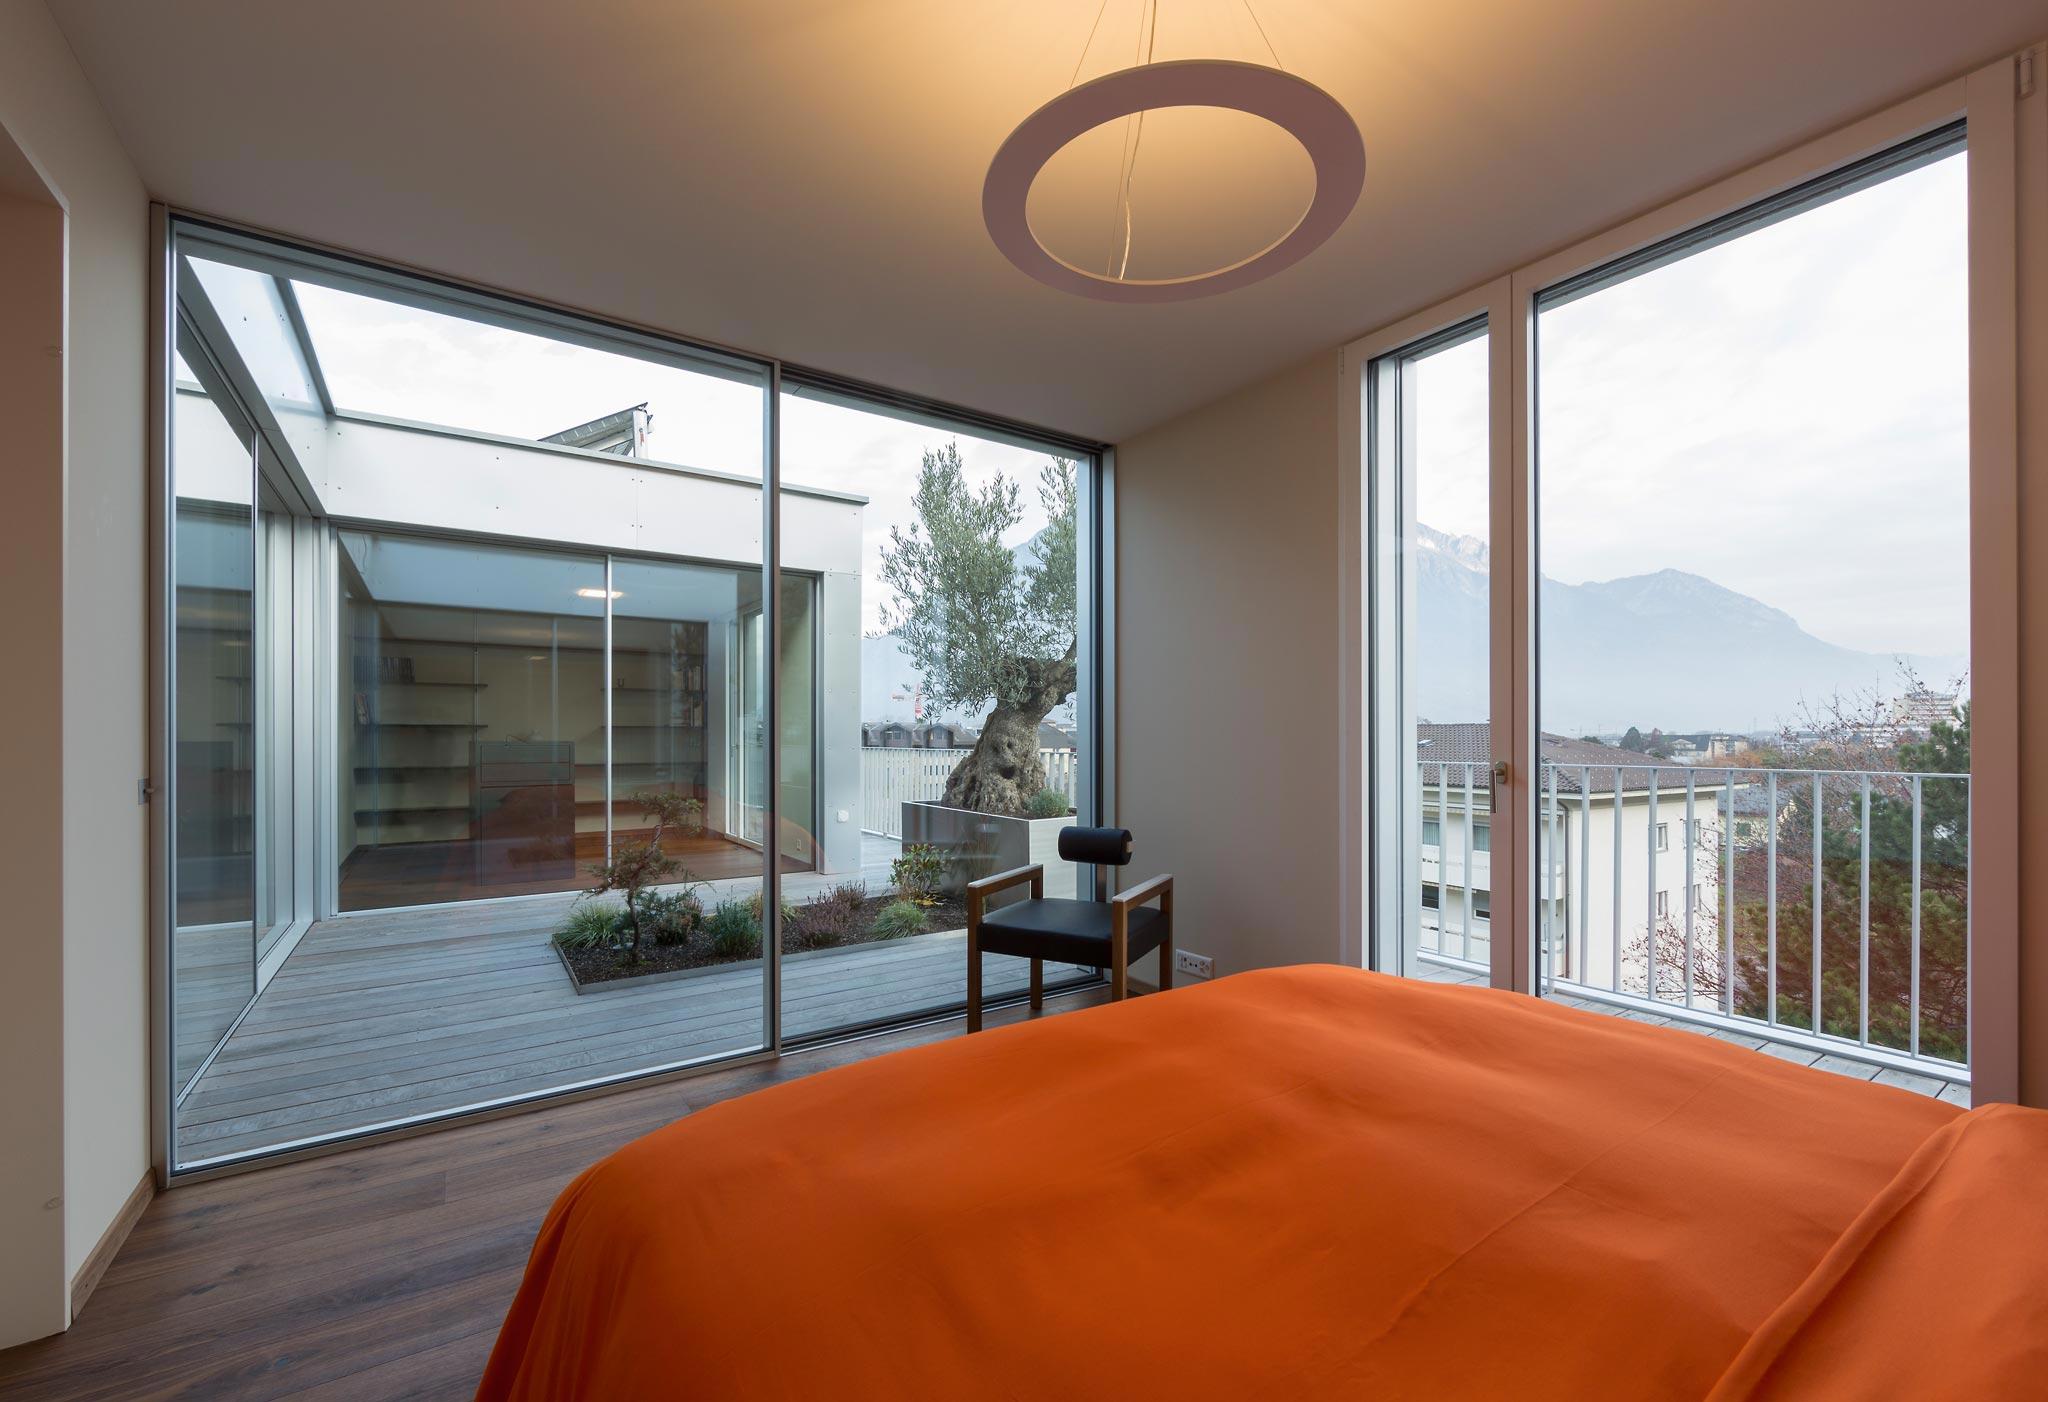 ES Voi 4247 chambre hor 20 05 022 - Lilo 4 - Chambre avec terrasse